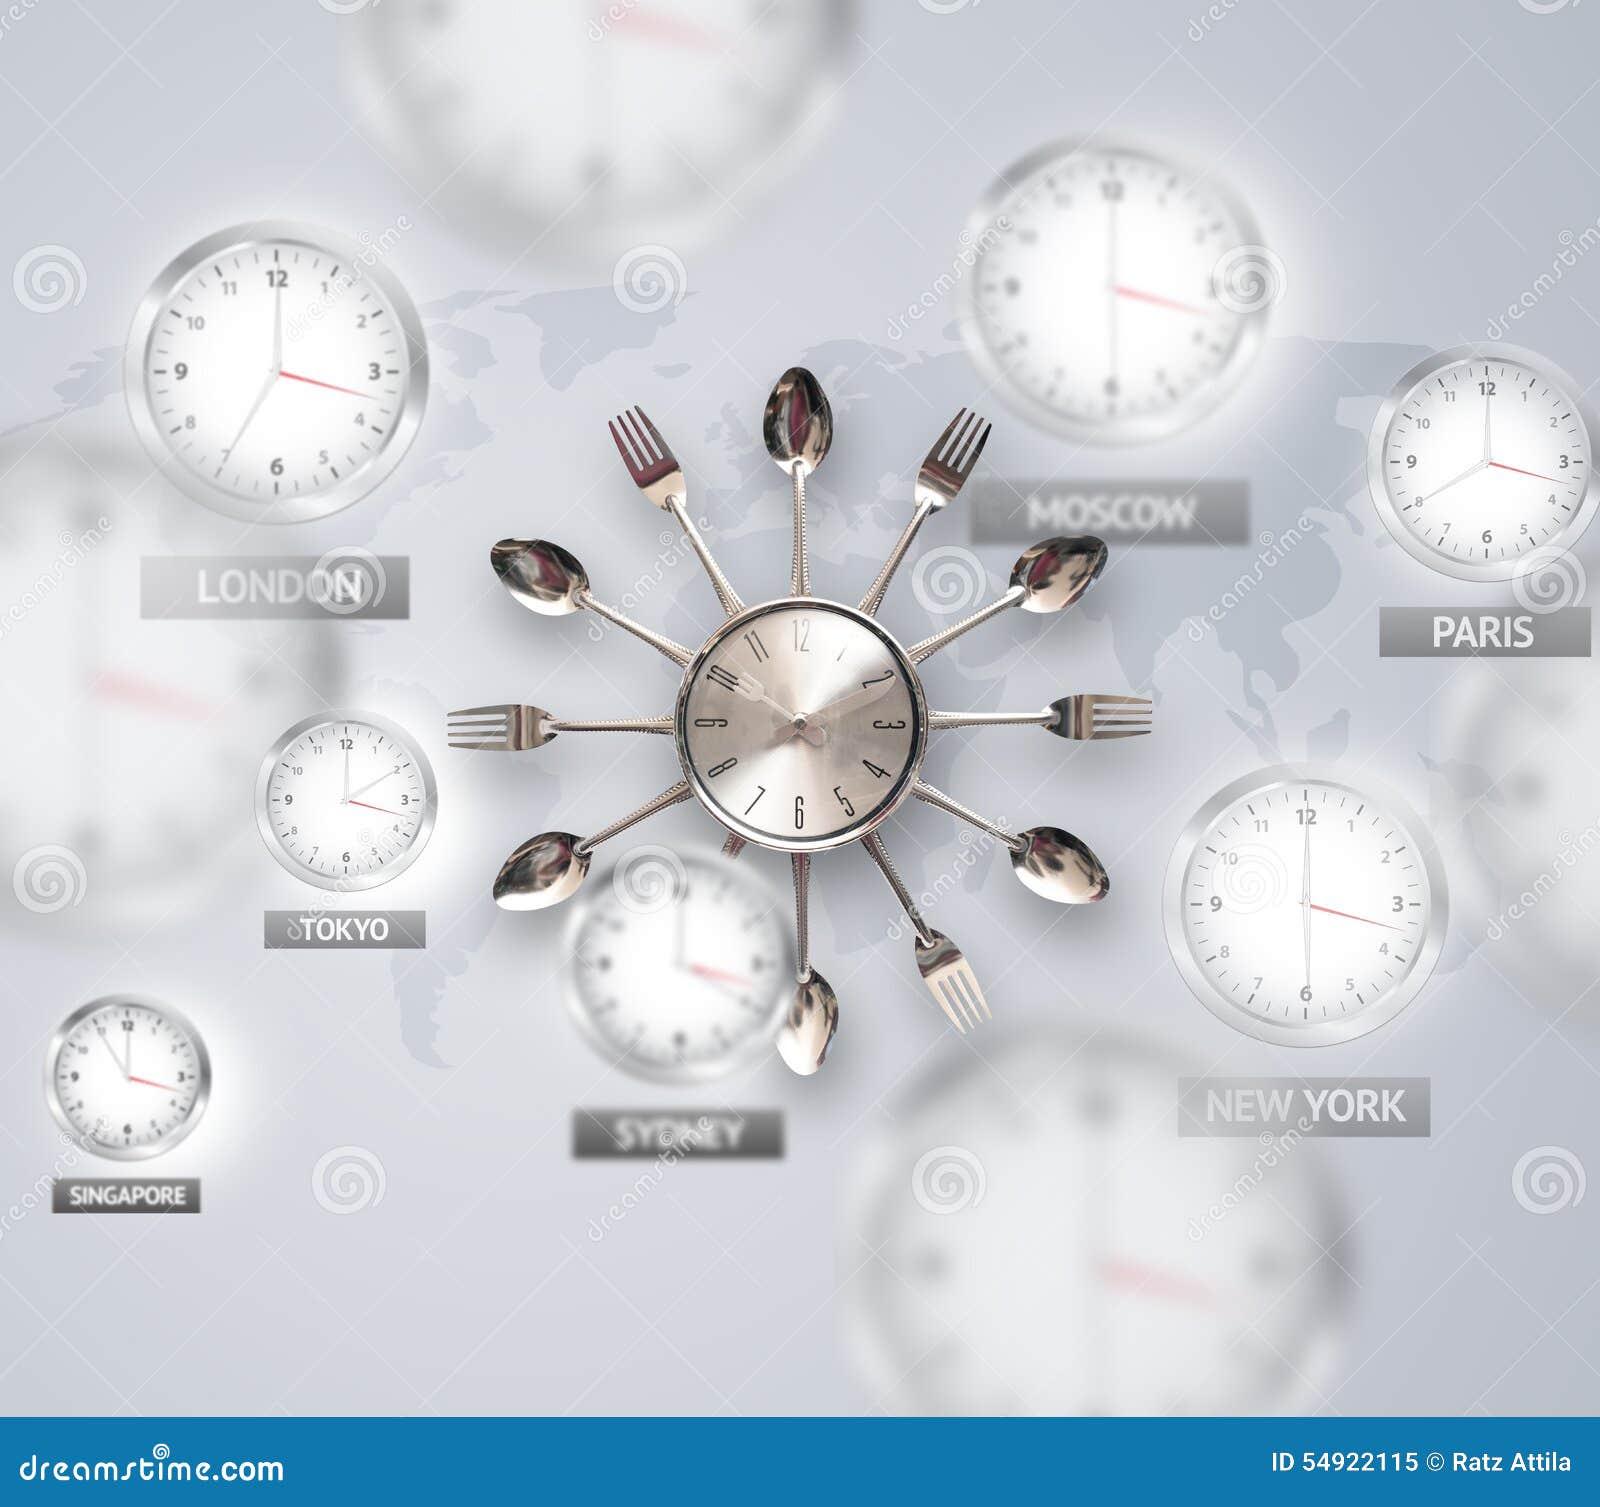 Klockor och tidszoner över världsbegreppet